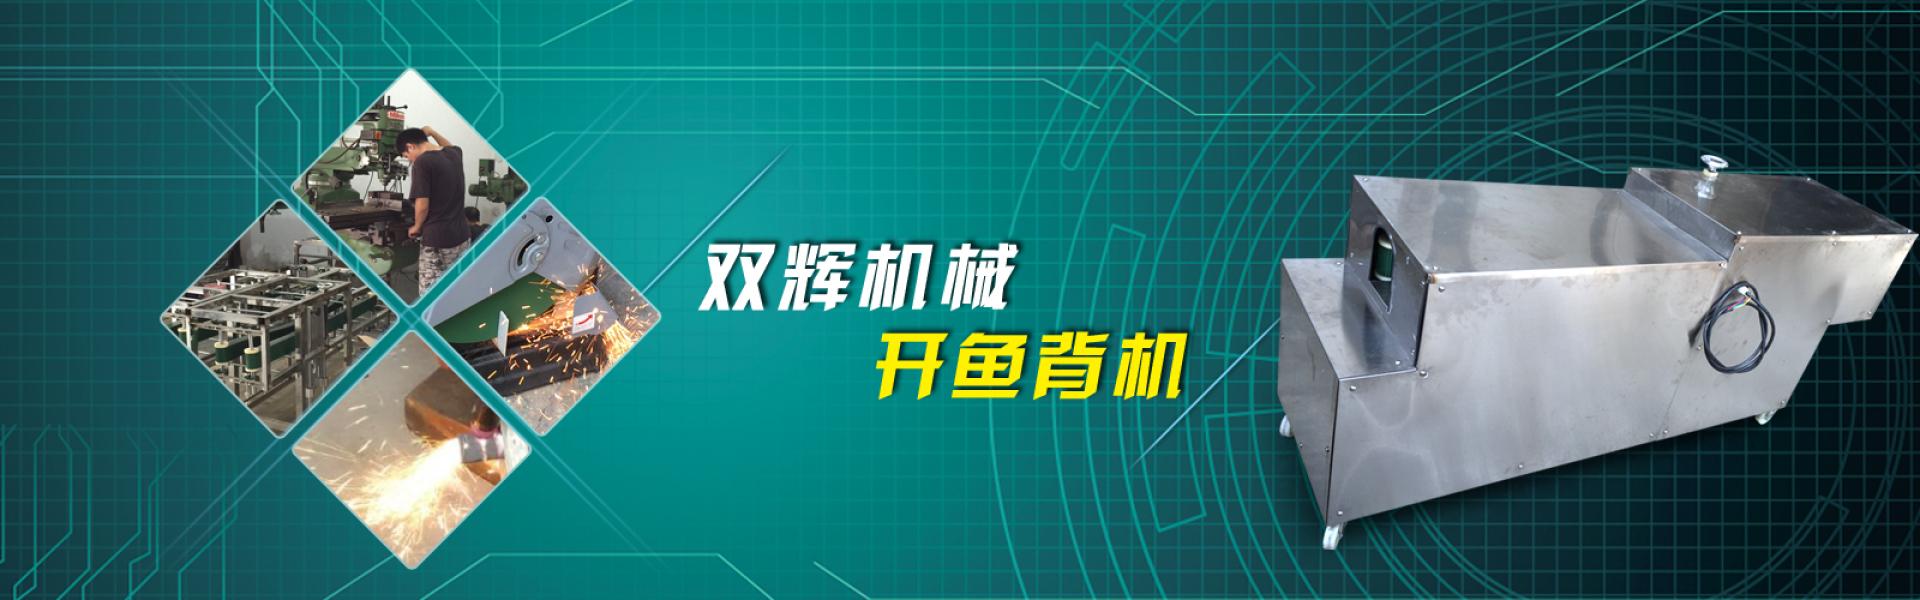 肇庆市鼎湖双辉机械有限公司主要生产:切肉机,切菜机,杀鱼机,切菜机小型,剥皮机,如果您对我们的产品感兴趣,可以联系我们:13660988788